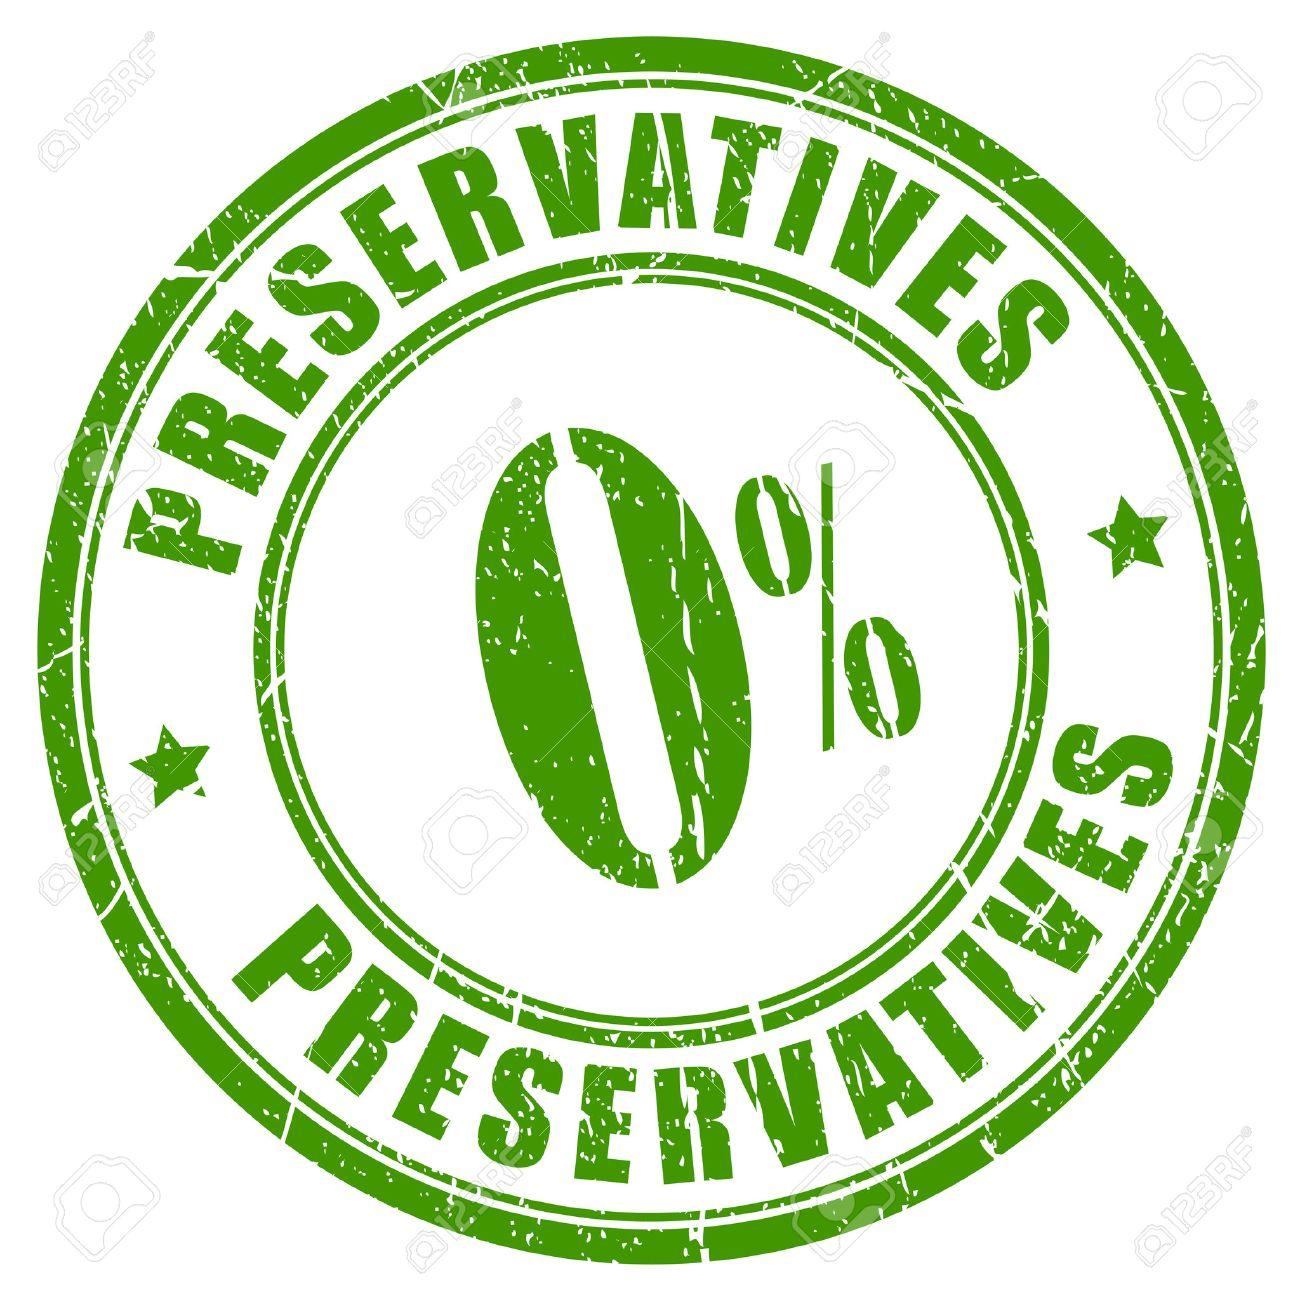 No preservatives rubber stamp - 50645166